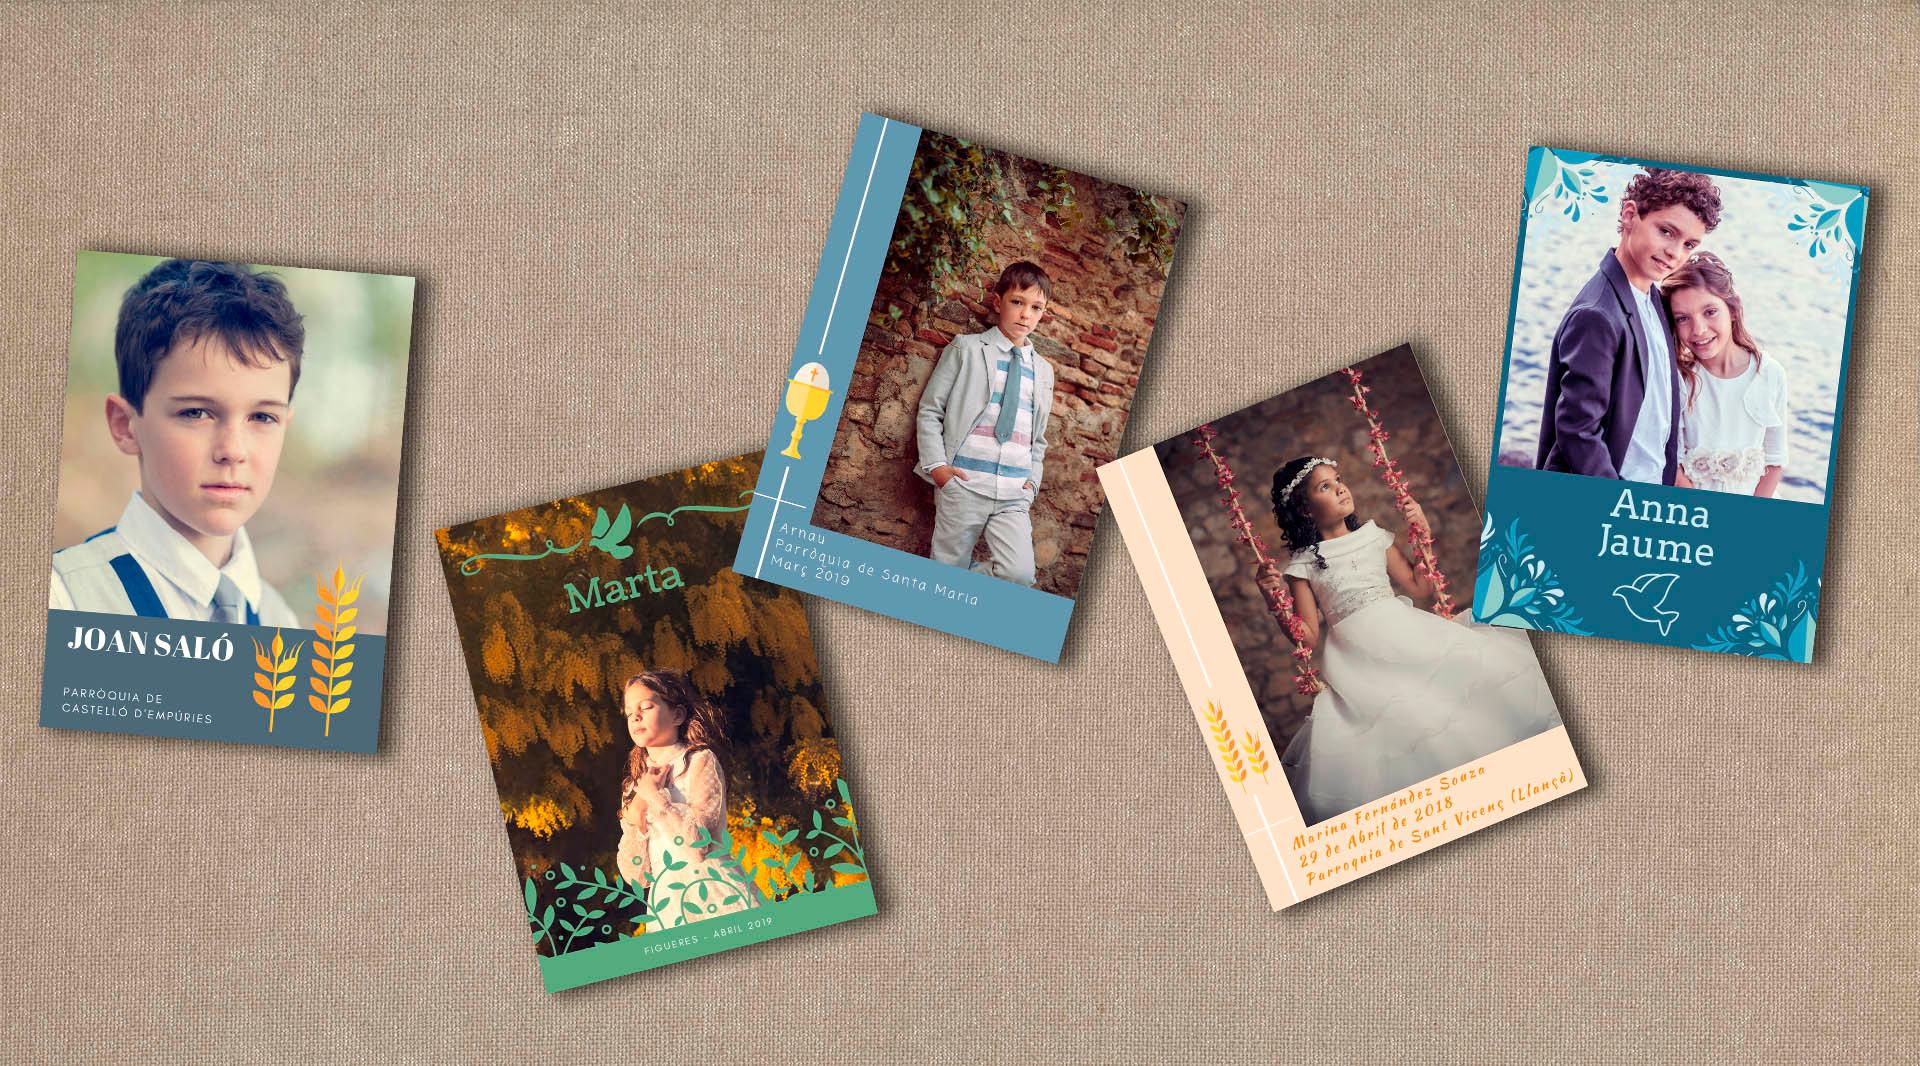 fotografia-fotos-girona-figueres-emporda-monica-quintana-book-niños-niña-familia-retrato-estudio-natural